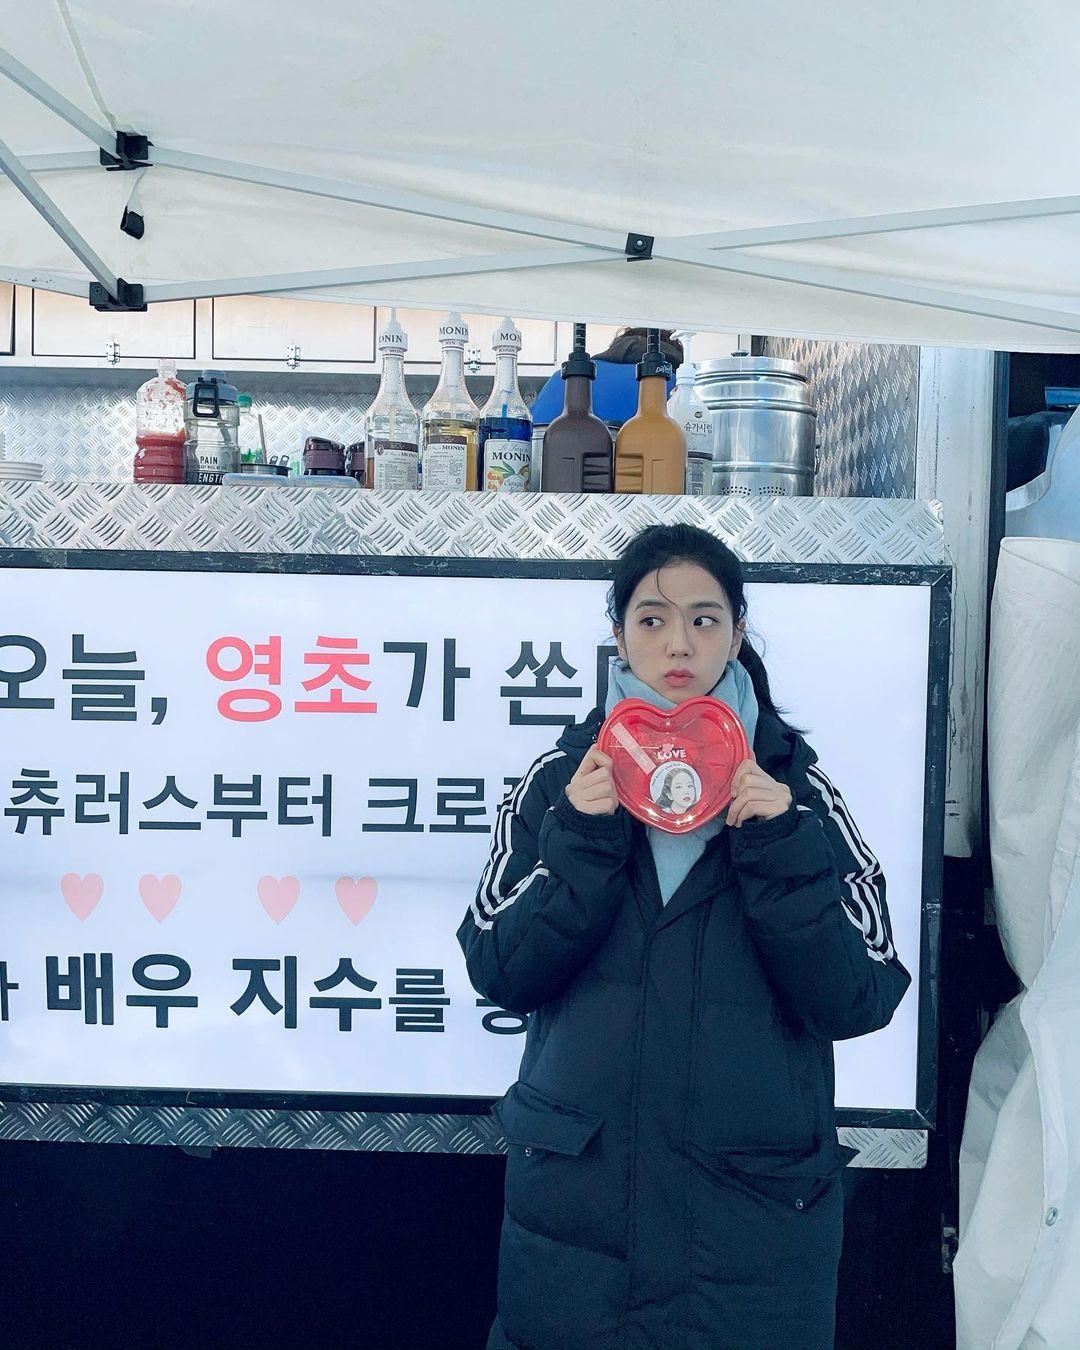 Jisoo chỉ cao 1m62 nhưng vẫn có cả loạt chiêu lên đồ mùa lạnh siêu yêu và ấm áp khiến ai cũng muốn copy theo - Ảnh 9.